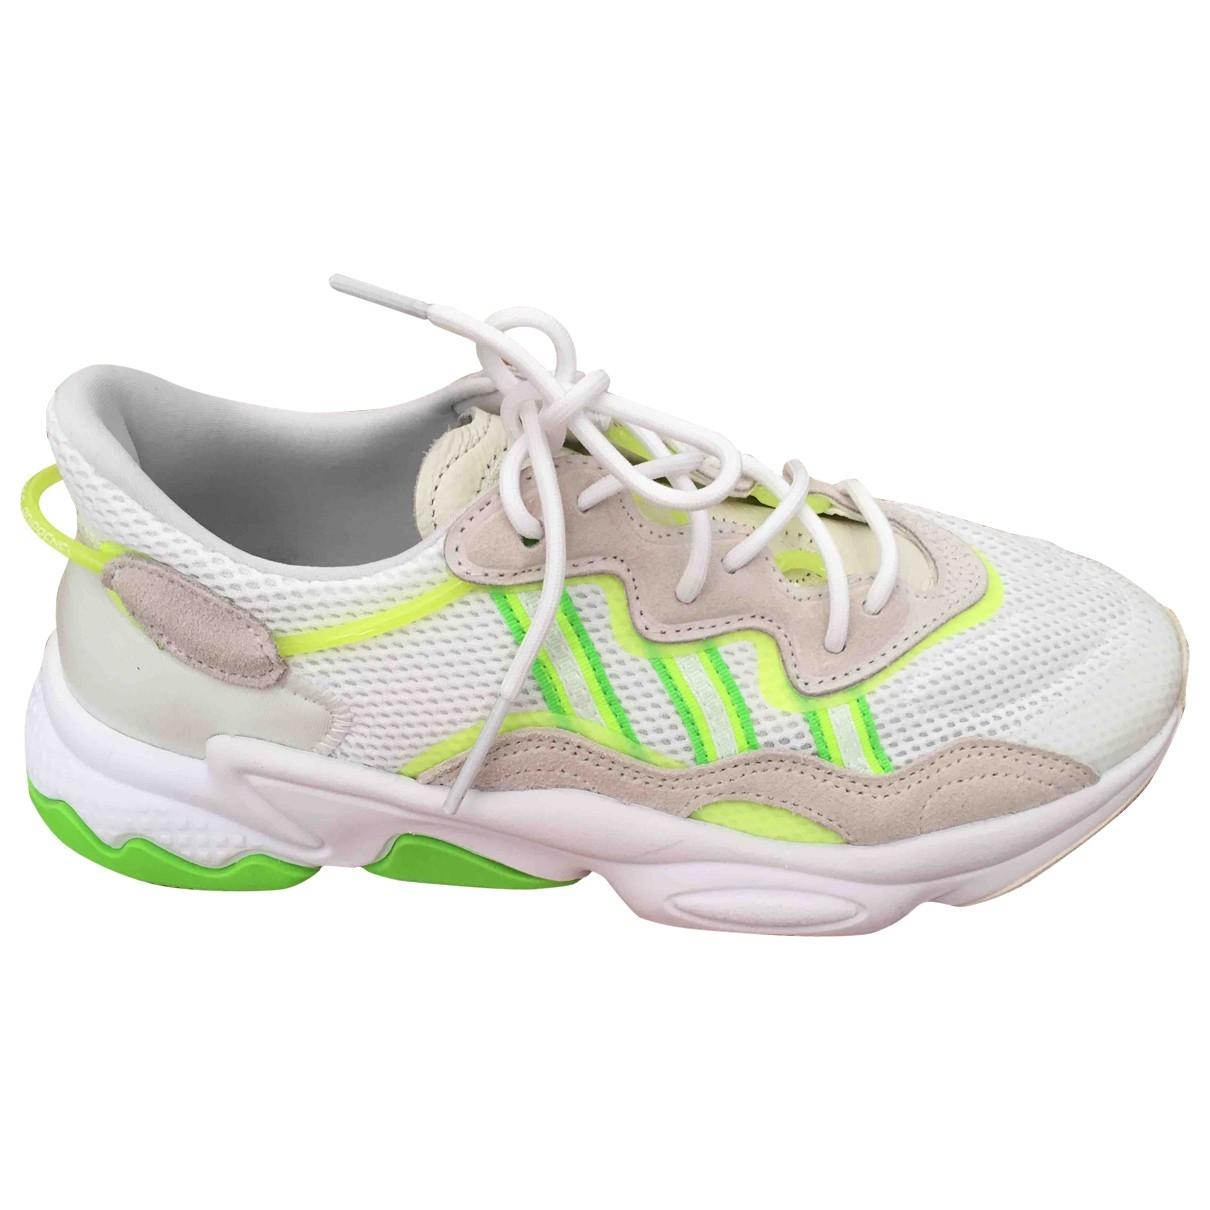 Adidas - Baskets Ozweego pour femme - blanc